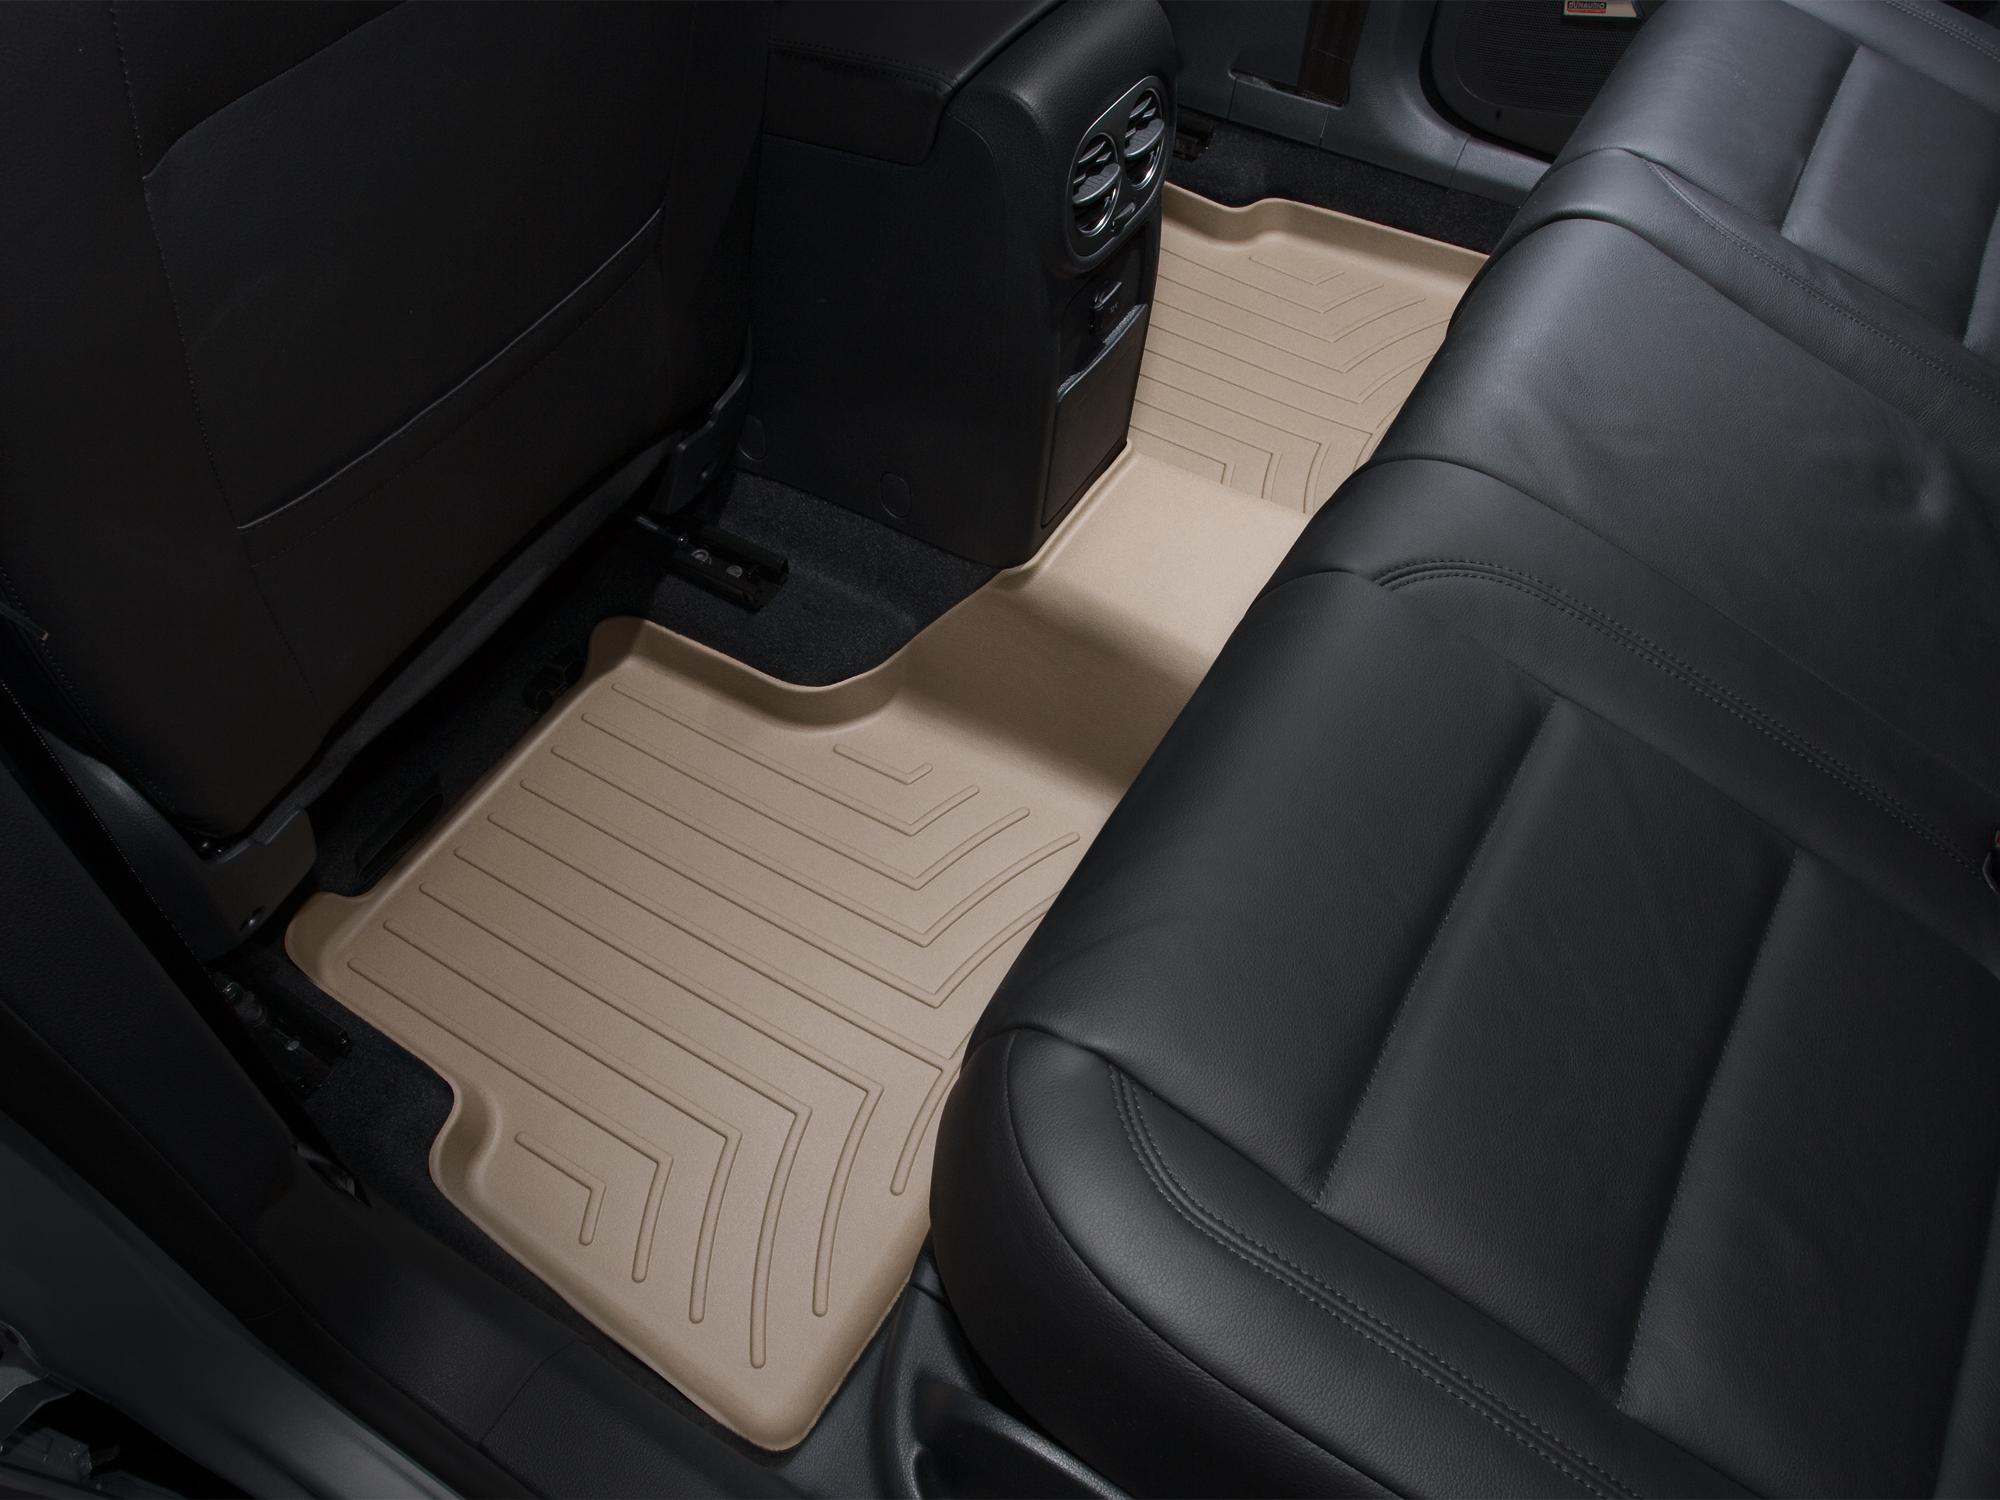 Tappeti gomma su misura bordo alto Volkswagen Tiguan 08>15 Marrone A4264*